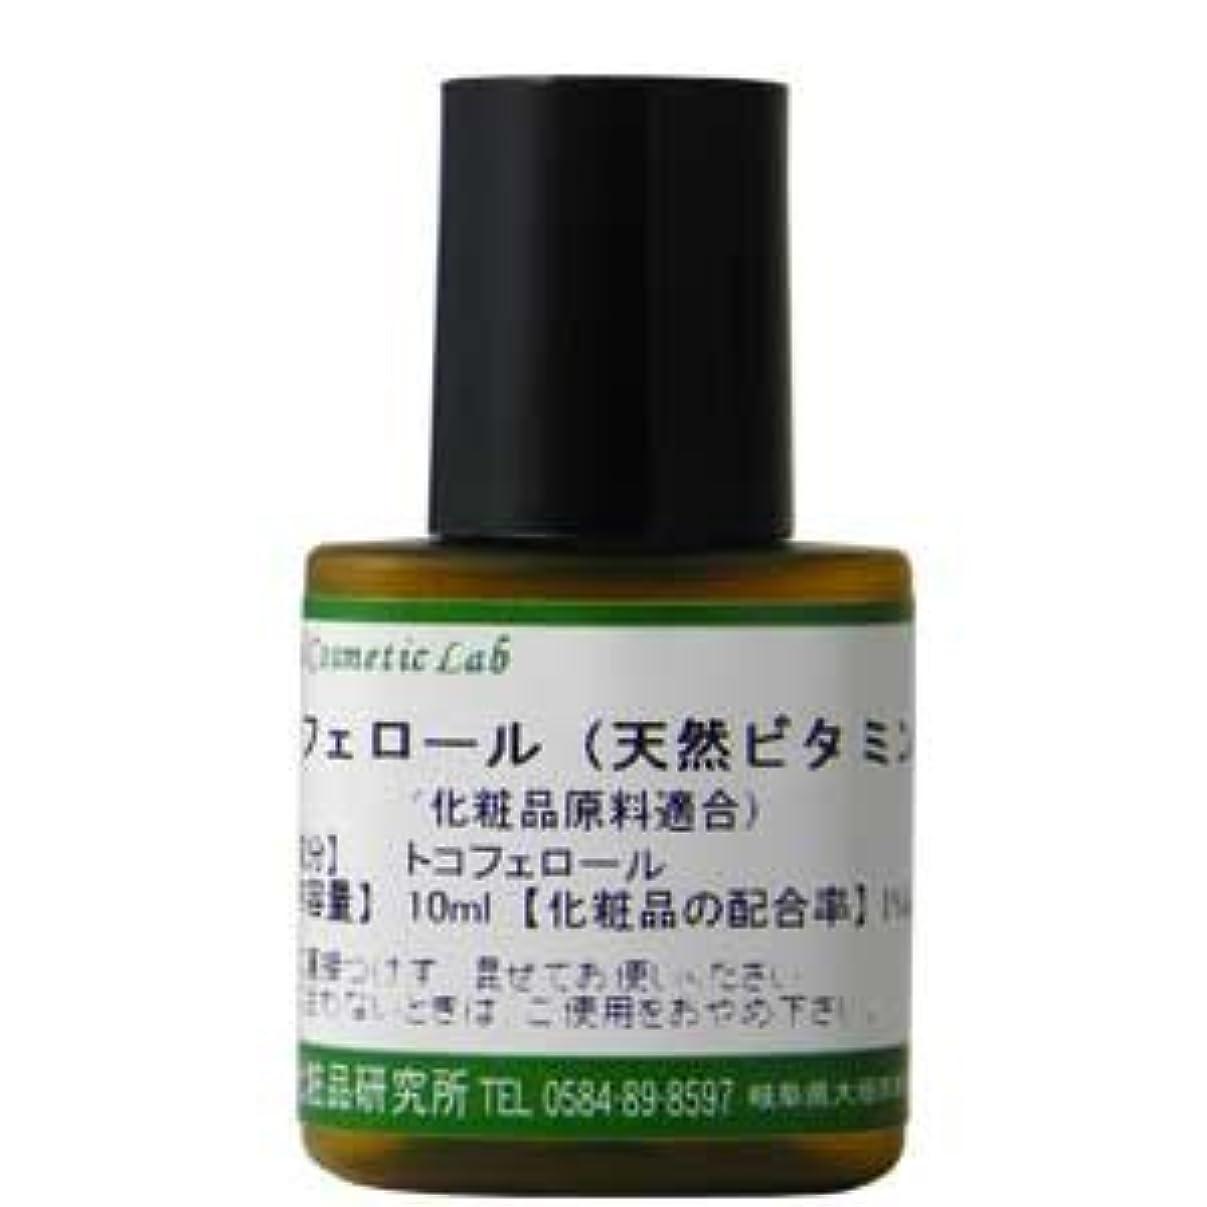 偽物銛放送トコフェロール (天然ビタミンE) 10ml 【手作り化粧品材料】